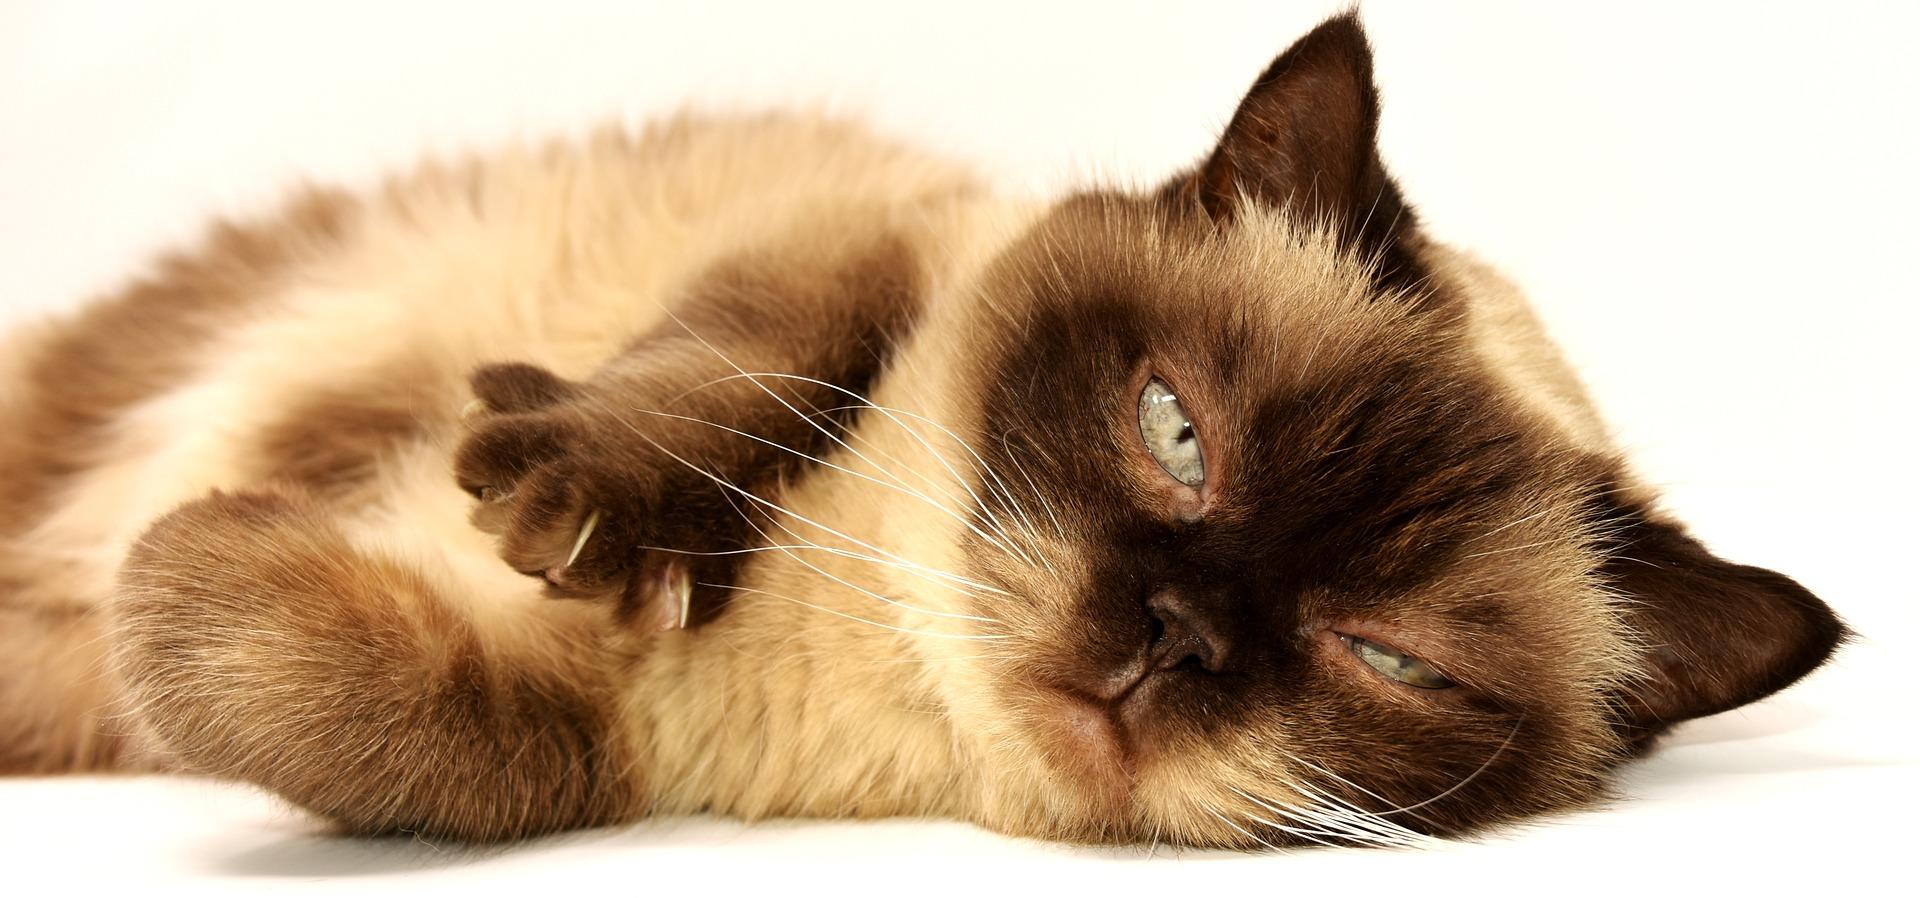 Si no quieres que tu gato tenga el celo, cástralo